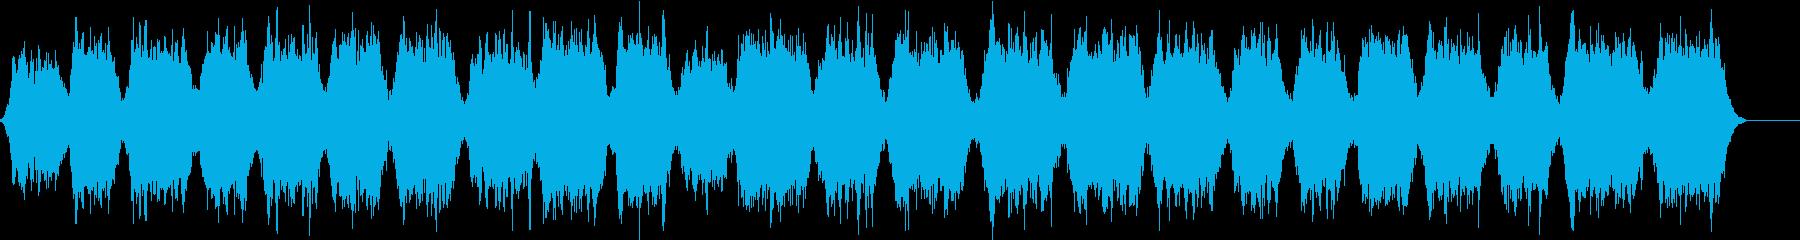 波の音が入ったリラックスできる曲の再生済みの波形